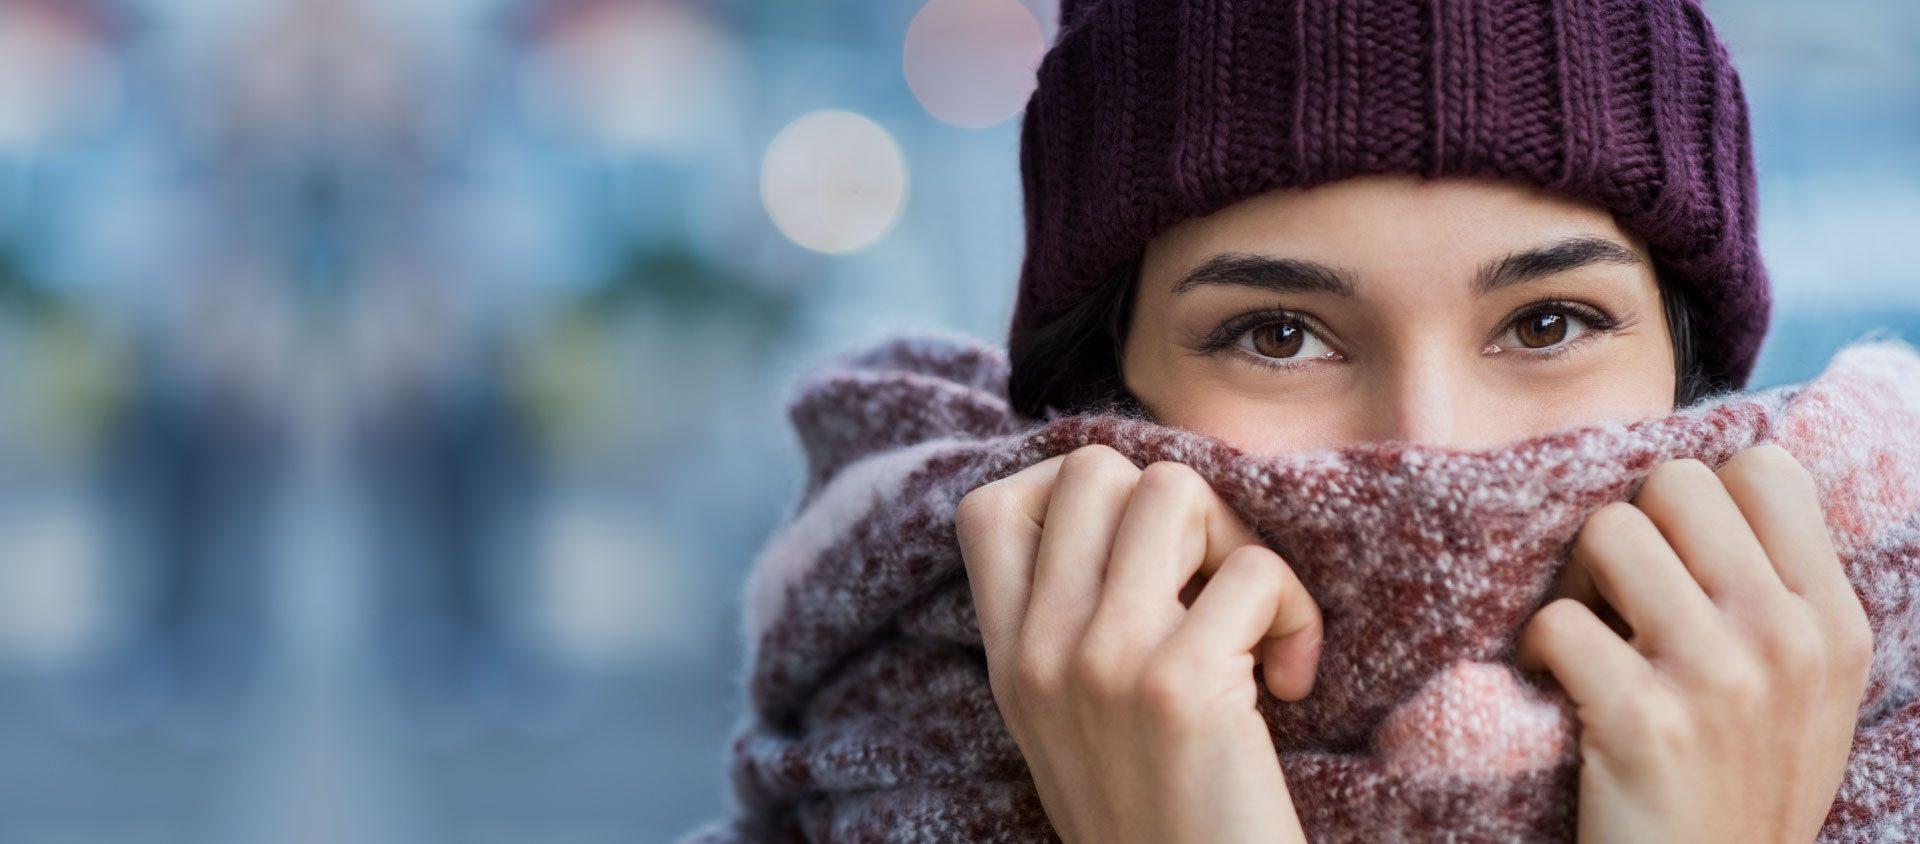 Inverno: previna-se contra doenças típicas da estação